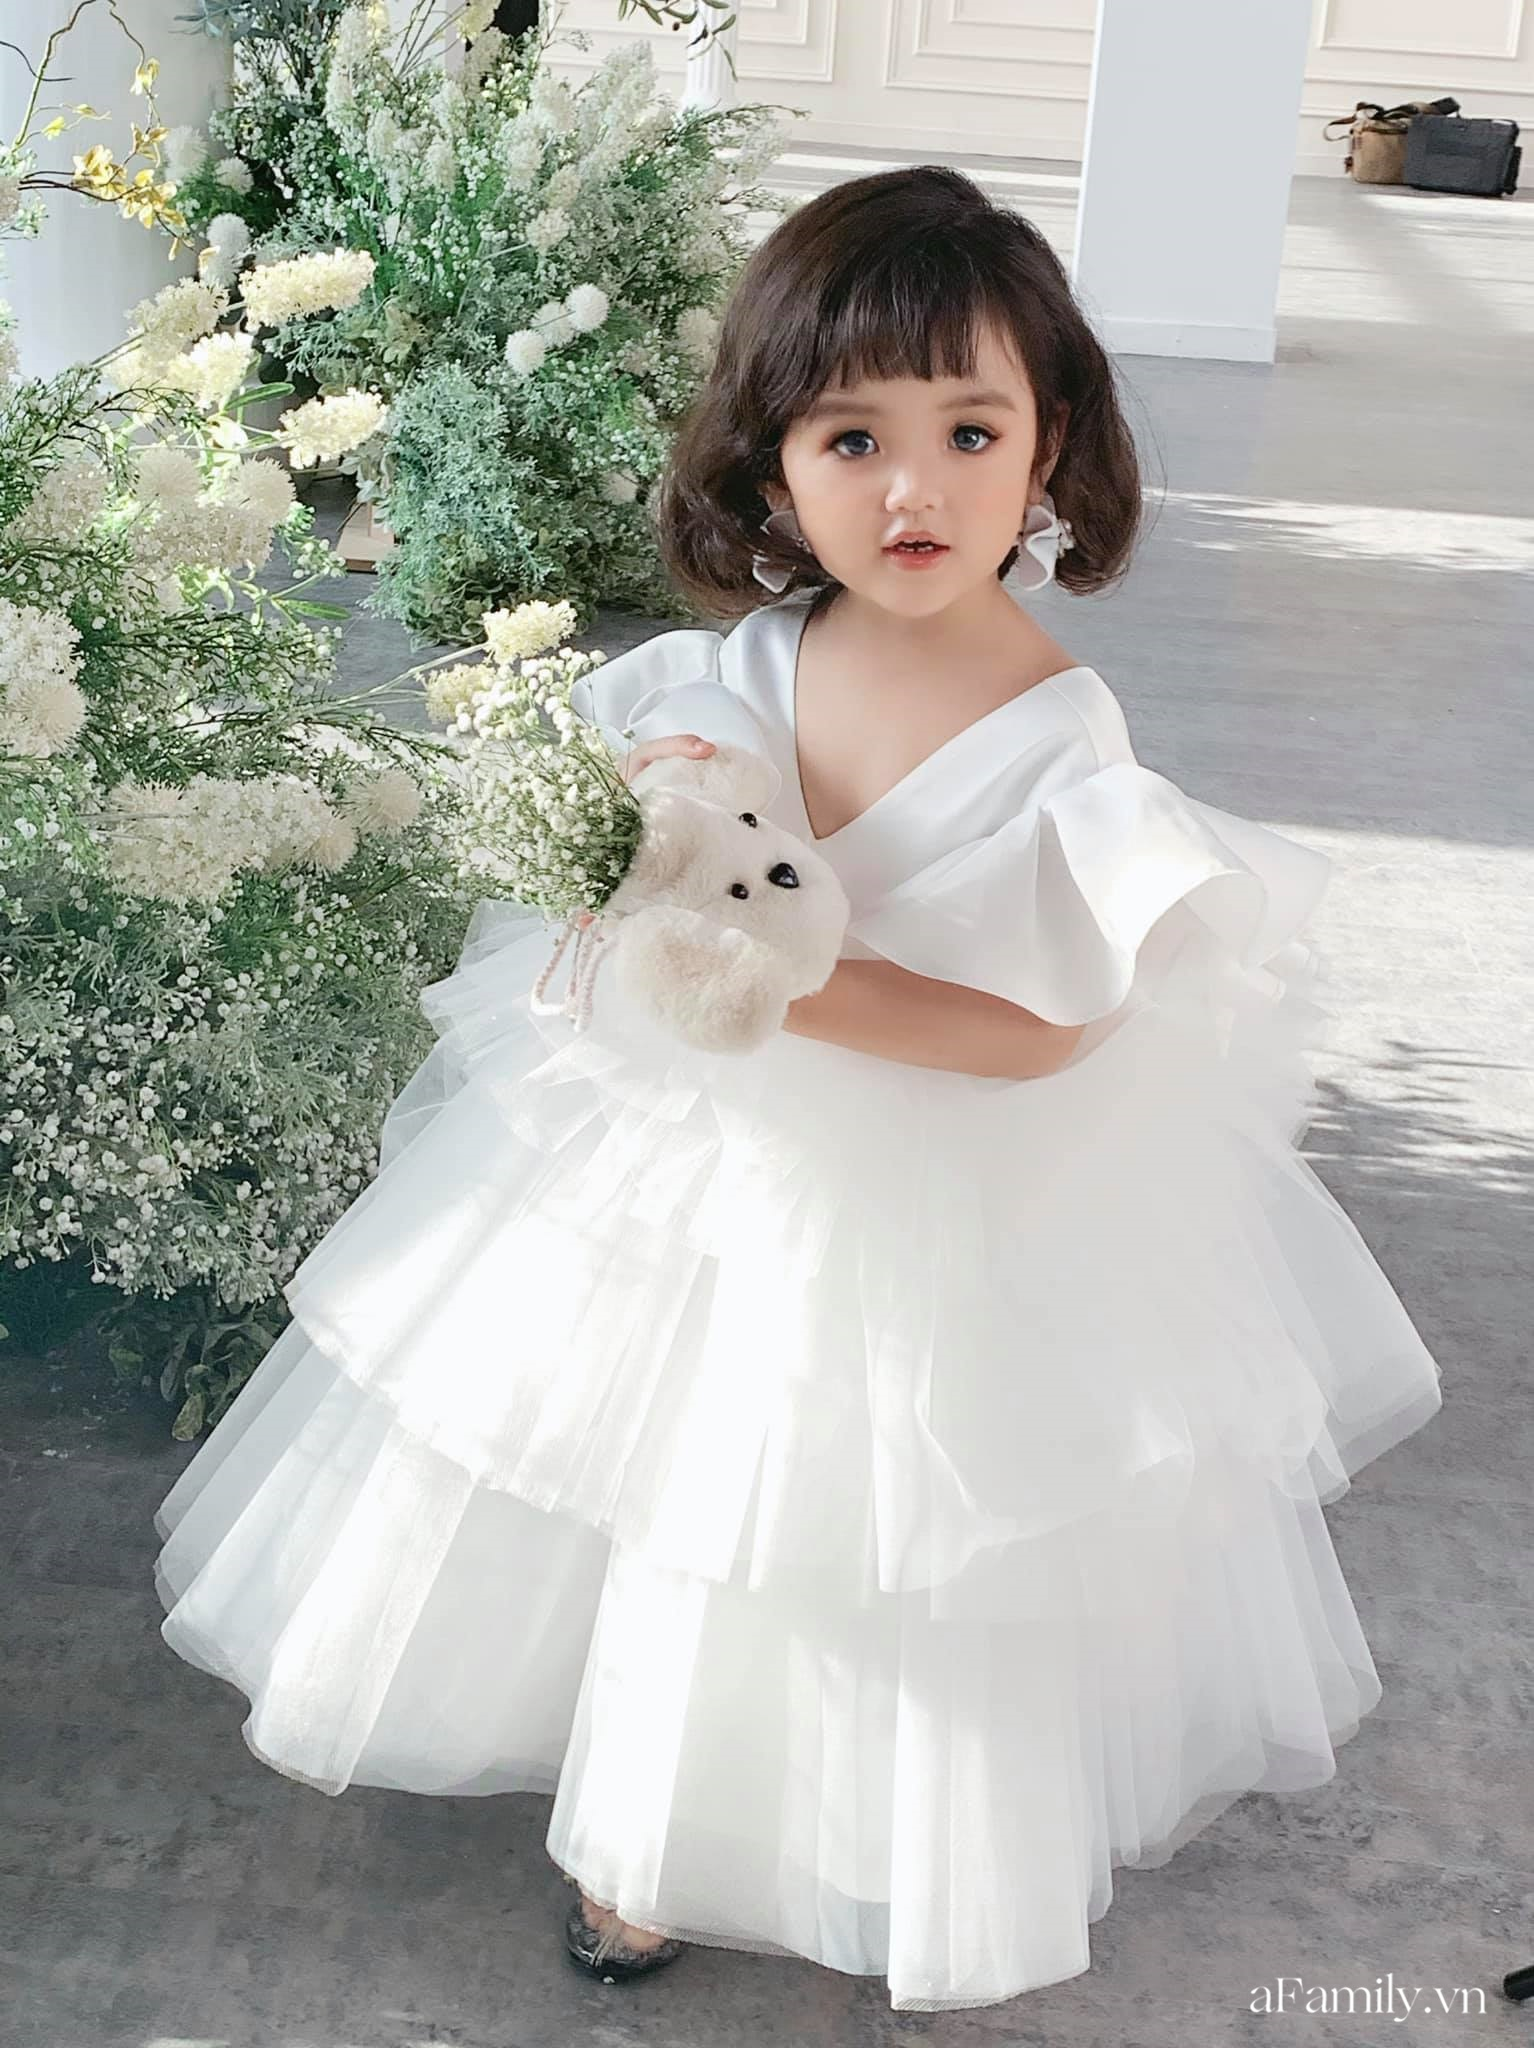 """Nghỉ ở nhà mùa dịch, mẫu nhí 3 tuổi có cát xê cao nhất nhì Hà thành vẫn có thu nhập """"khủng"""" nhờ chụp ảnh tại gia - Ảnh 2."""